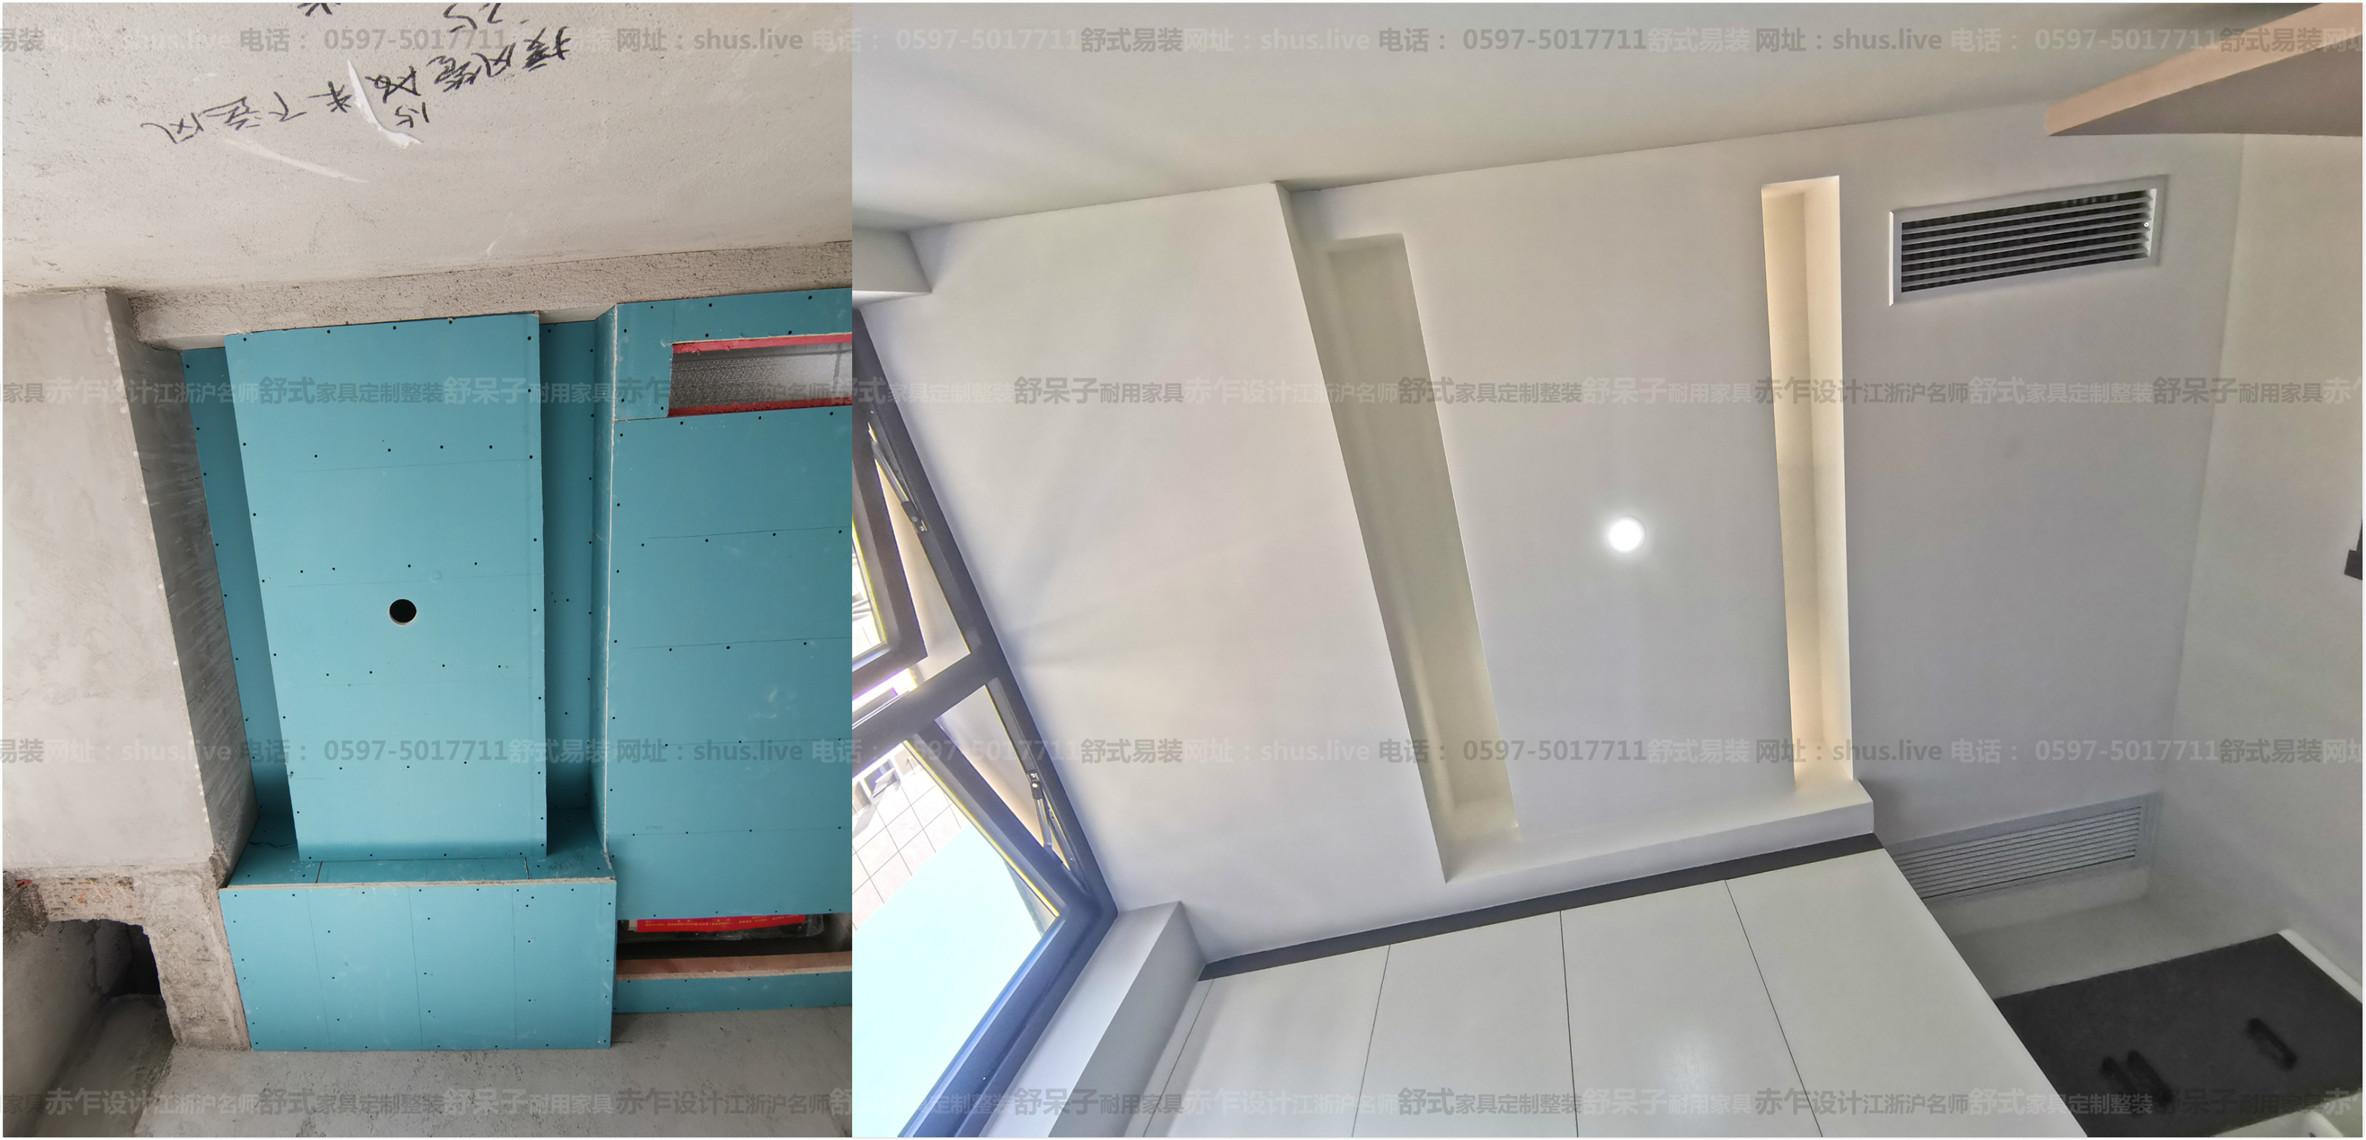 木工吊顶施工工艺标准(地墙部分)-舒式易装